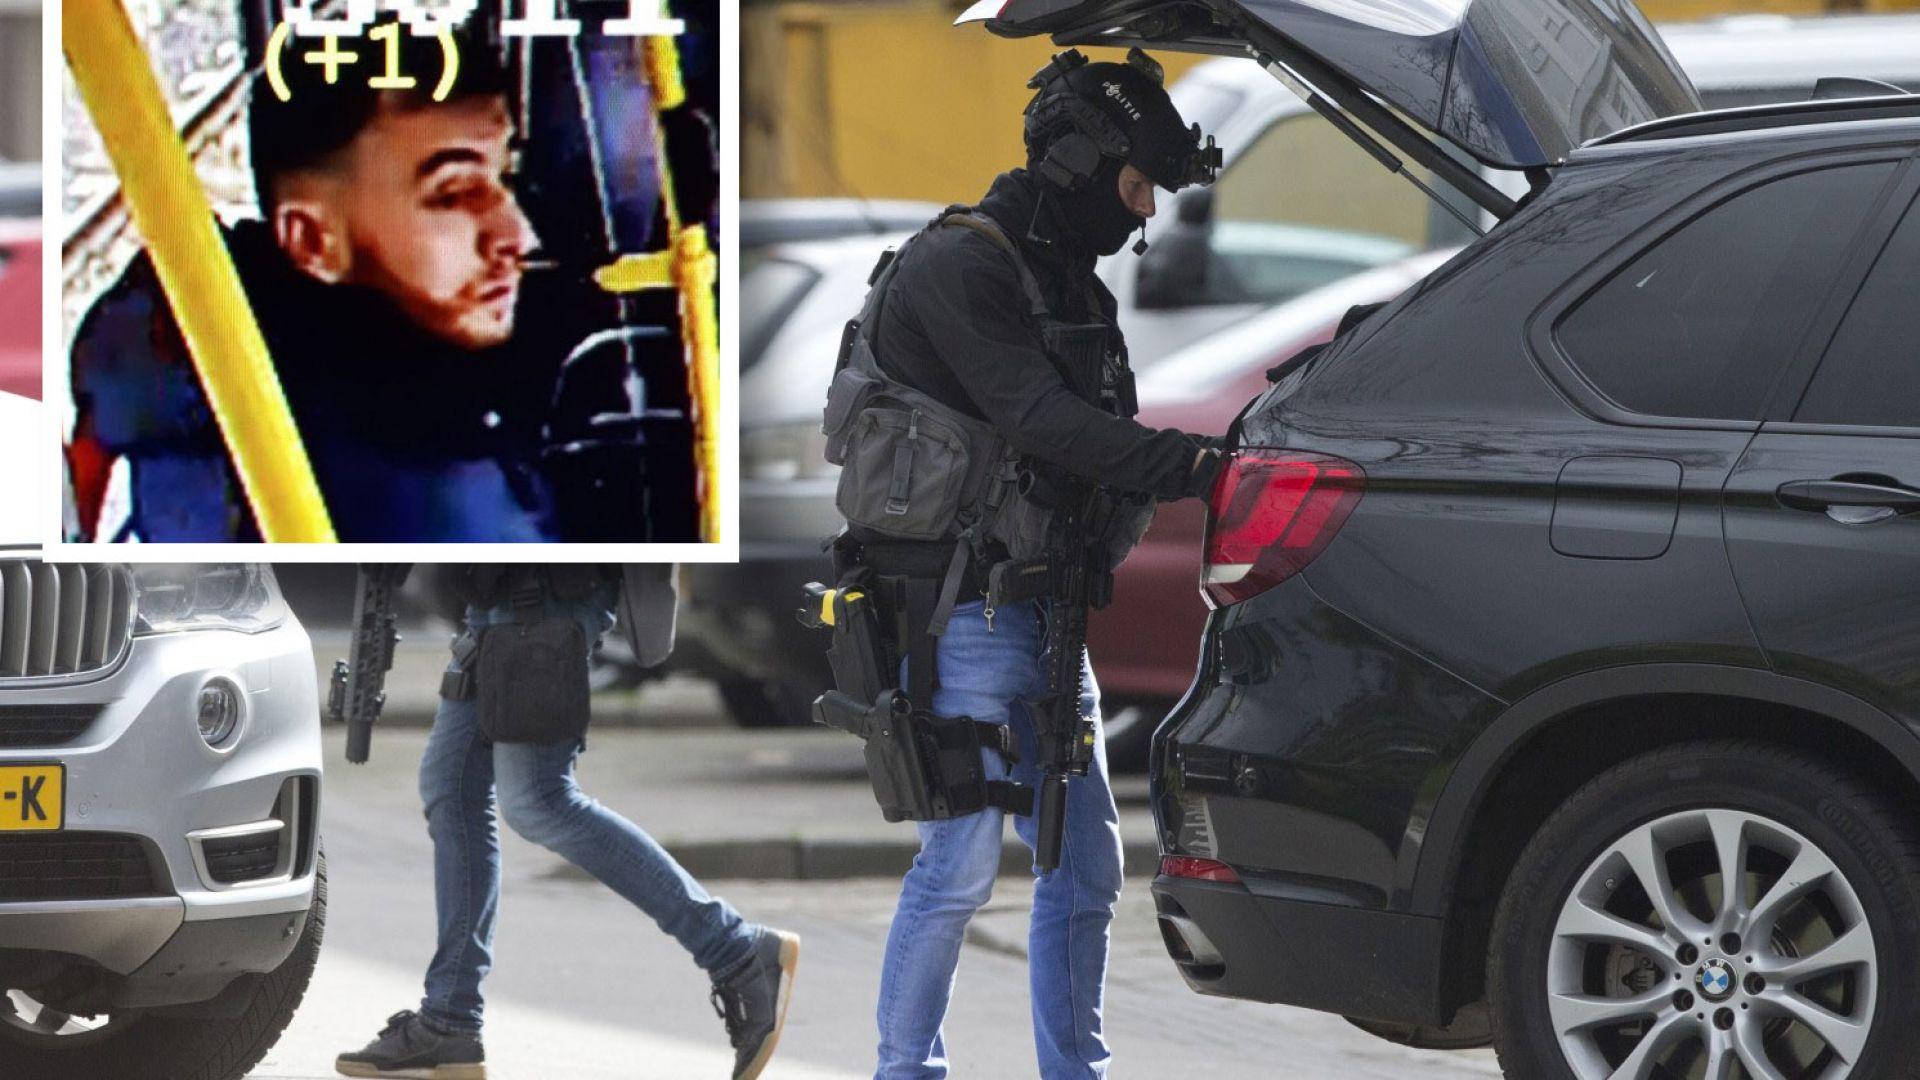 Официално: В Утрехт се е стреляло на няколко места